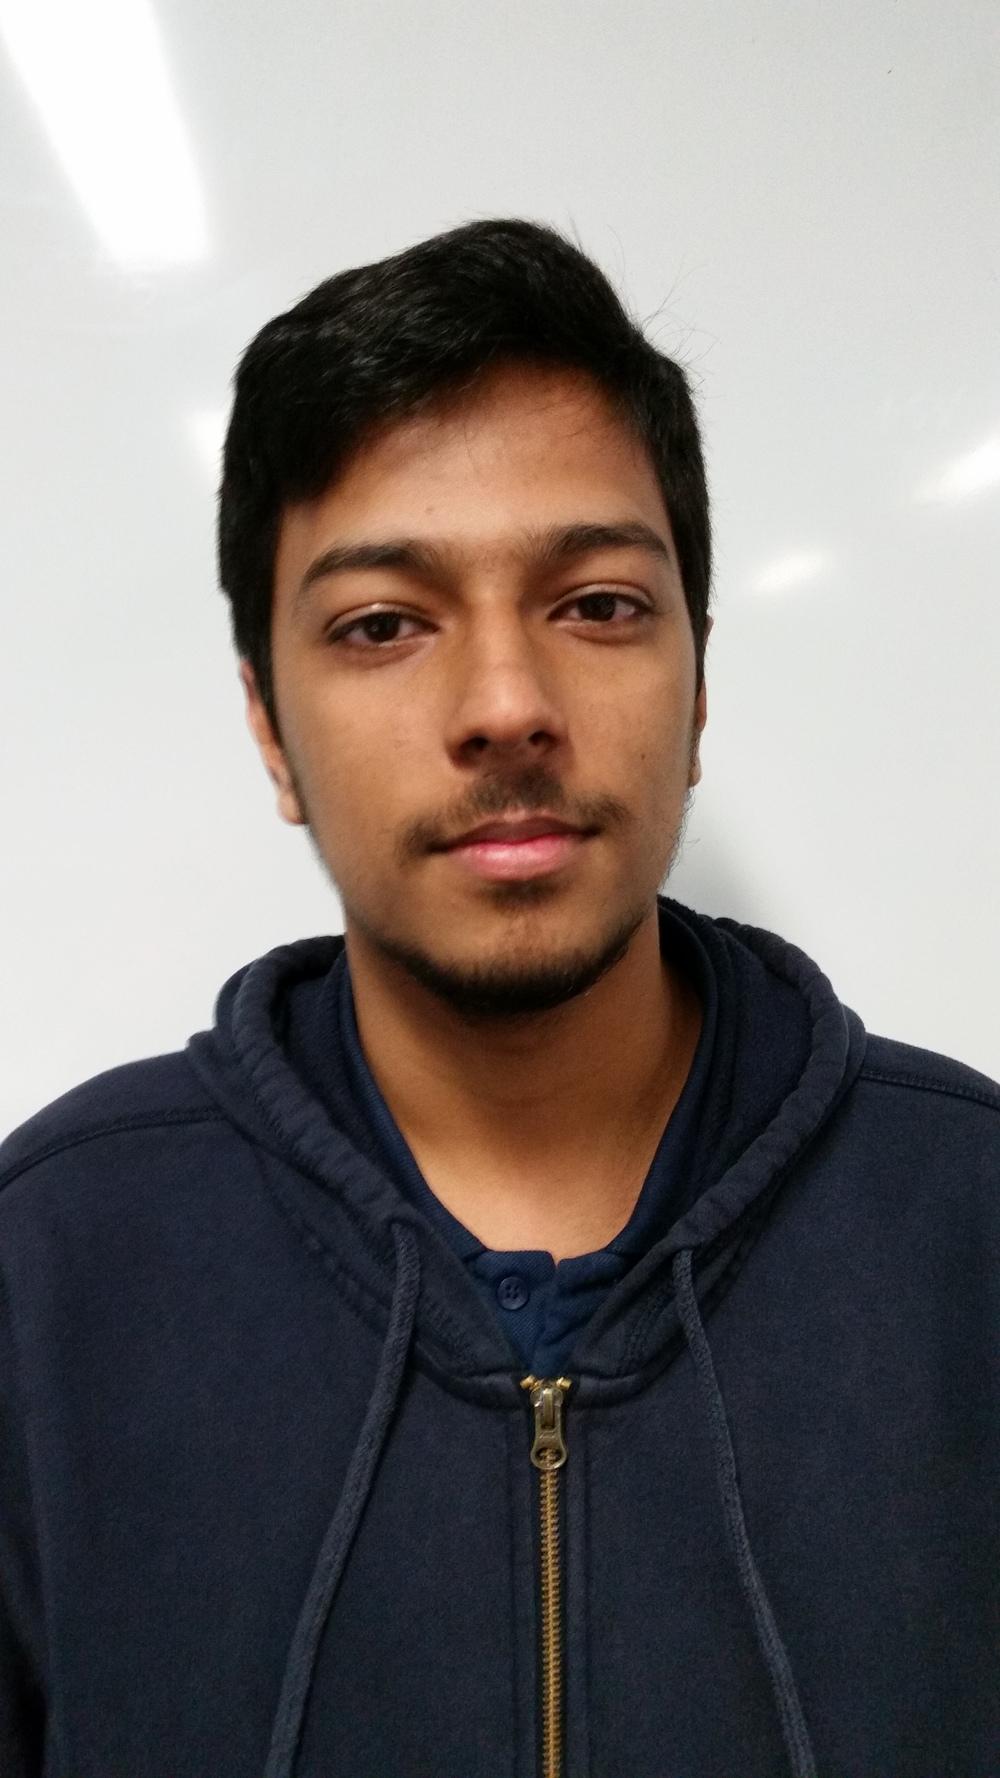 Sajjad Saleh